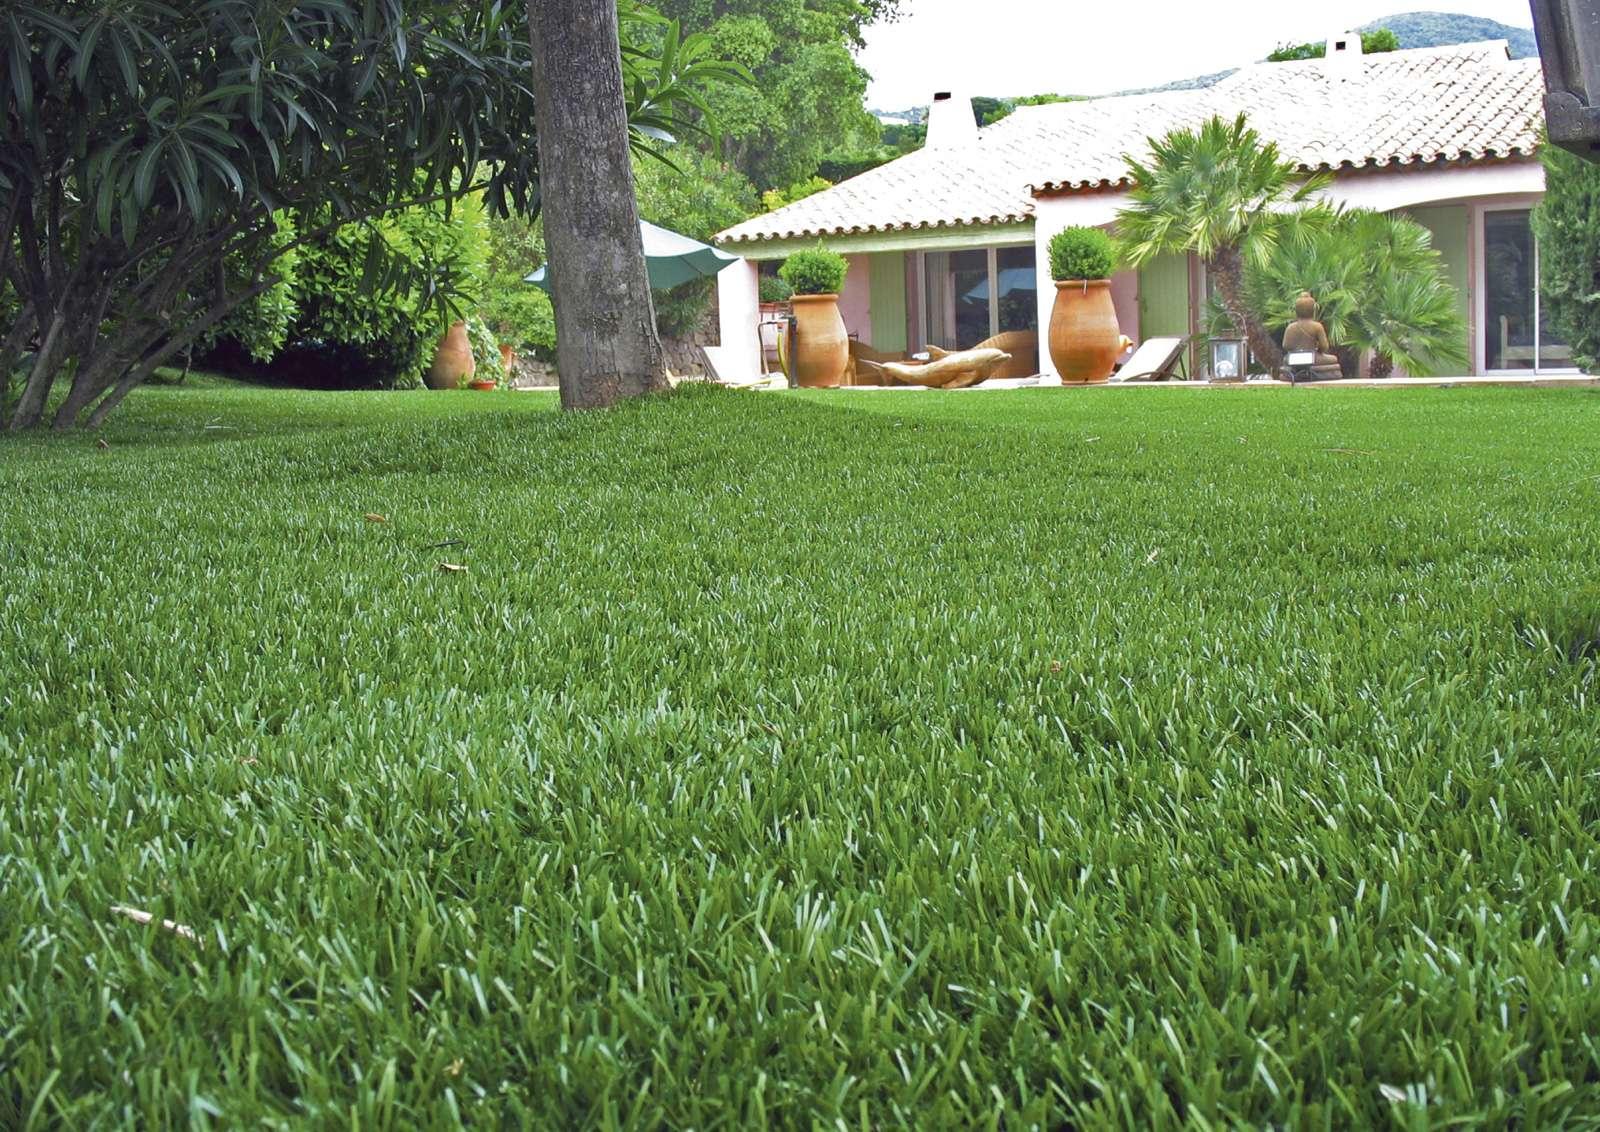 Giardini in erba sintetica realizzazione e progettazione